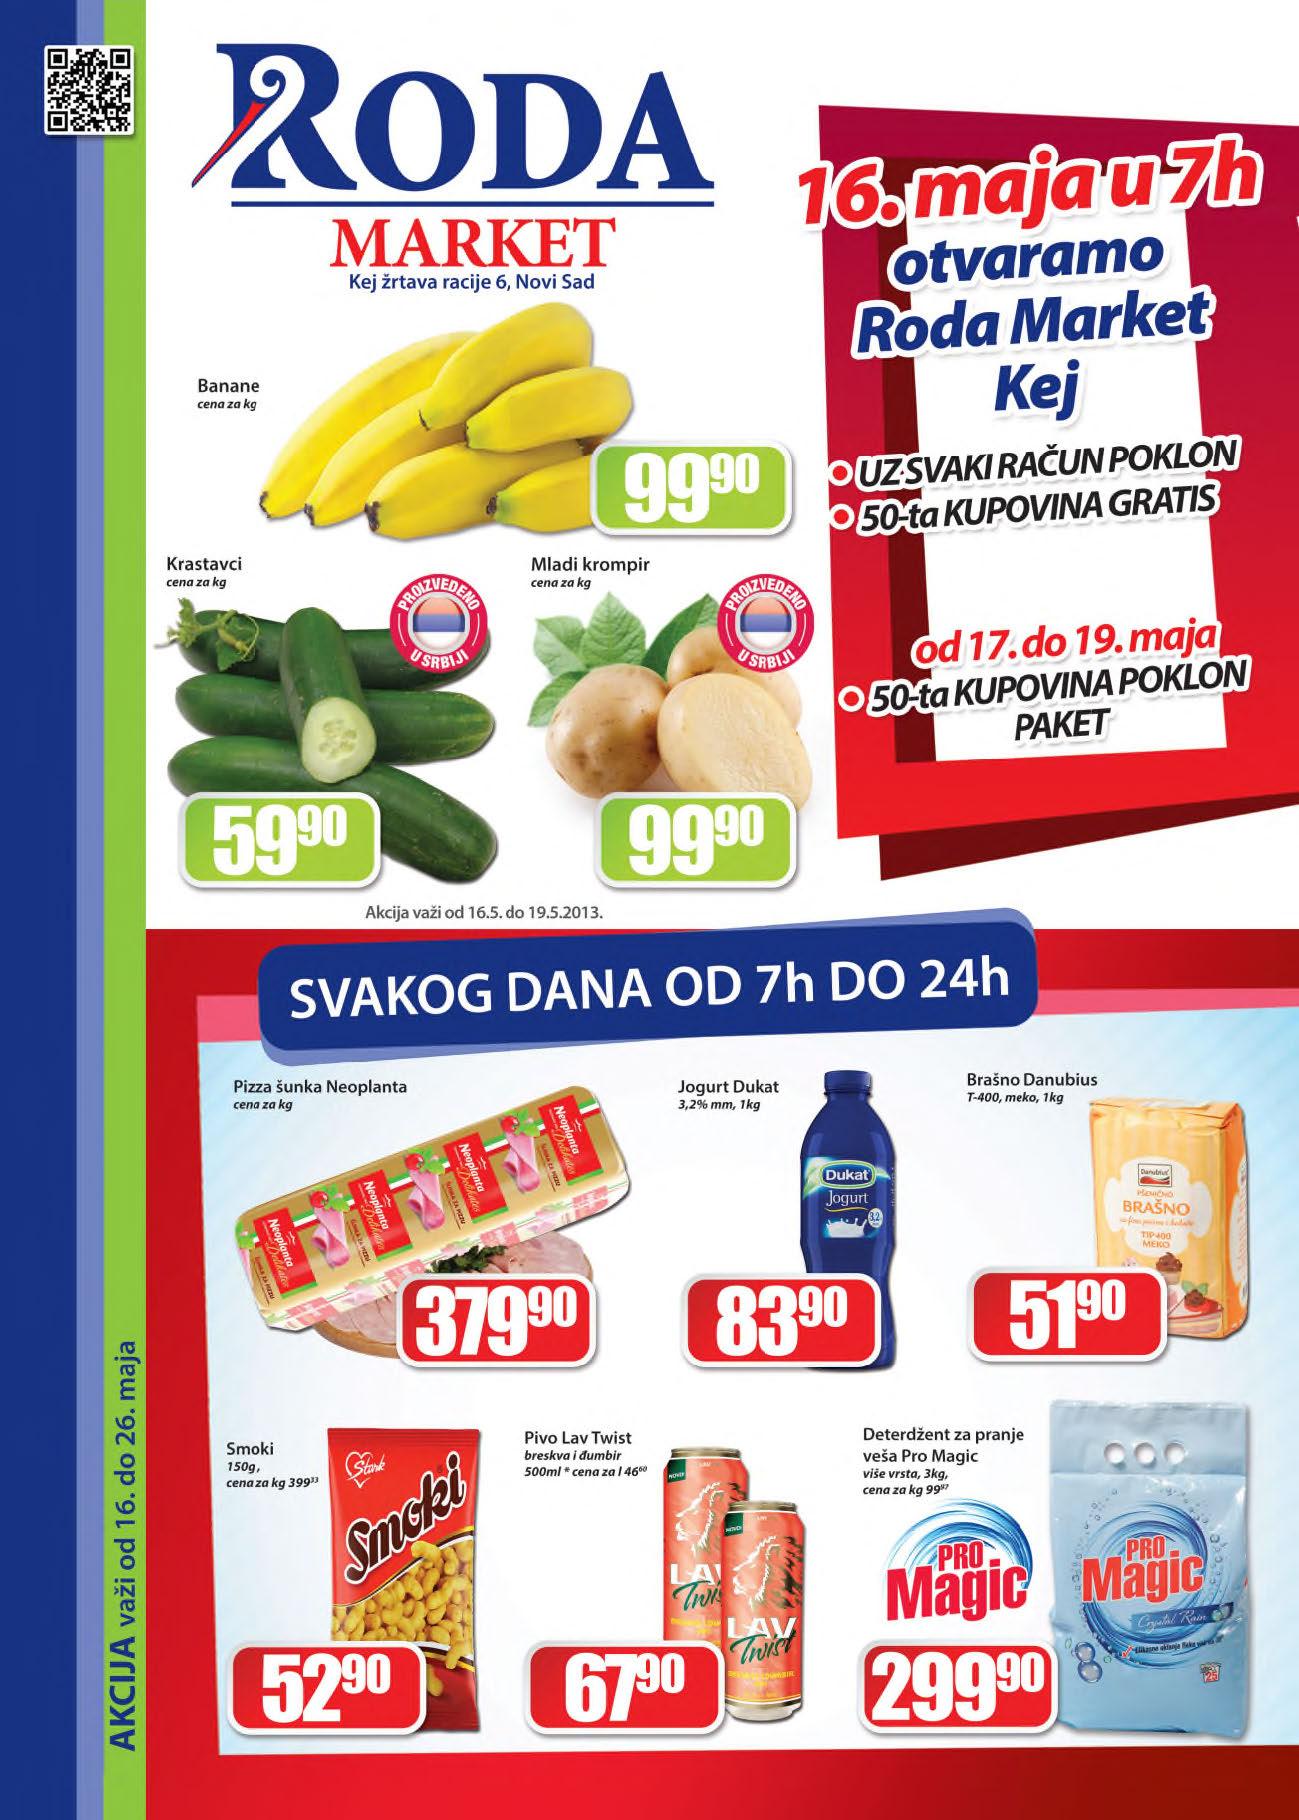 Roda Katalog Kej Novi Sad